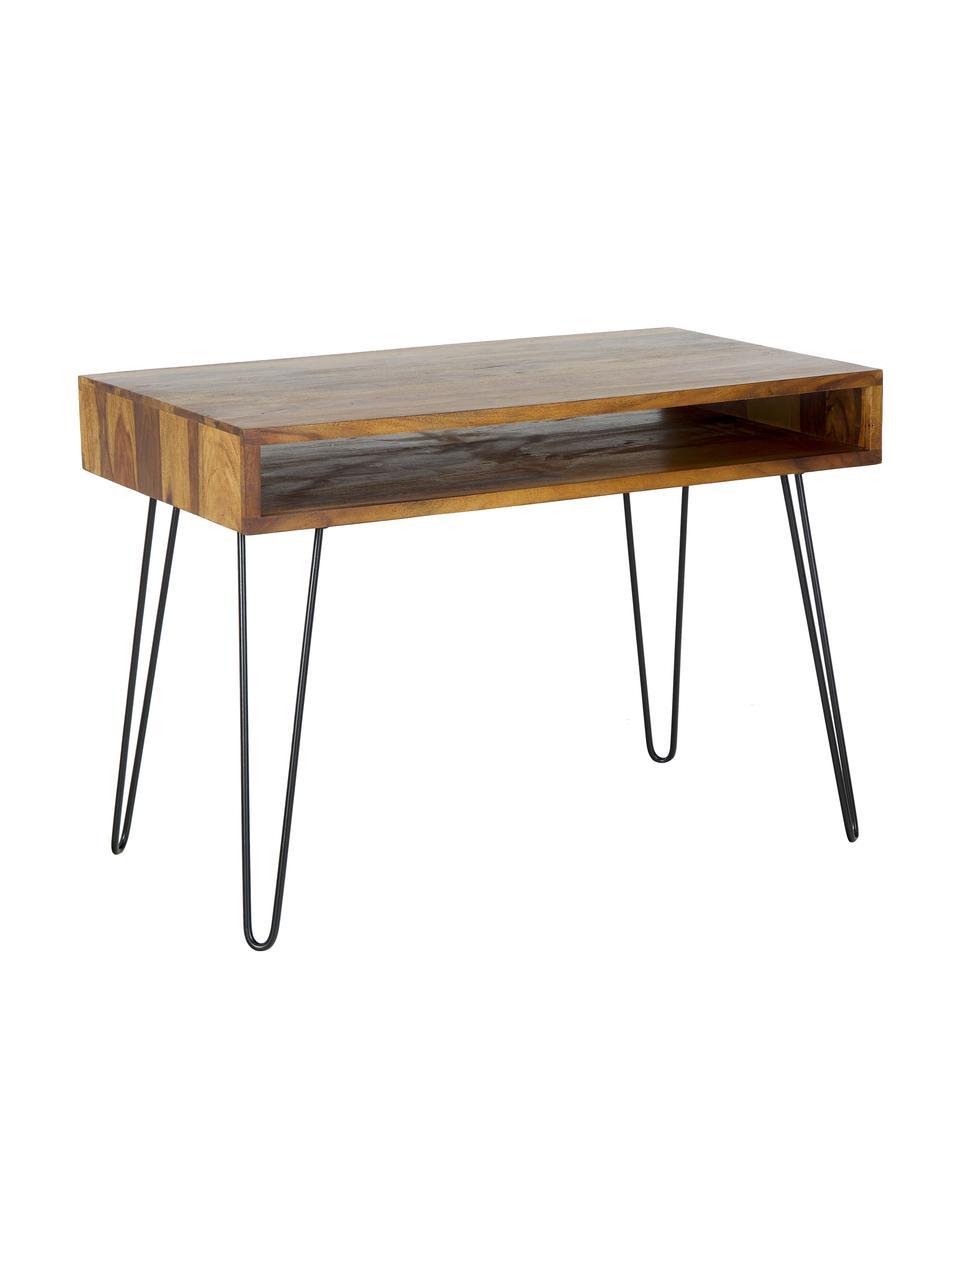 Bureau Repa van hout en metaal, Frame: sheesham hout, massief, g, Poten: gelakt metaal, Sheesham hout, zwart, 110 x 76 cm